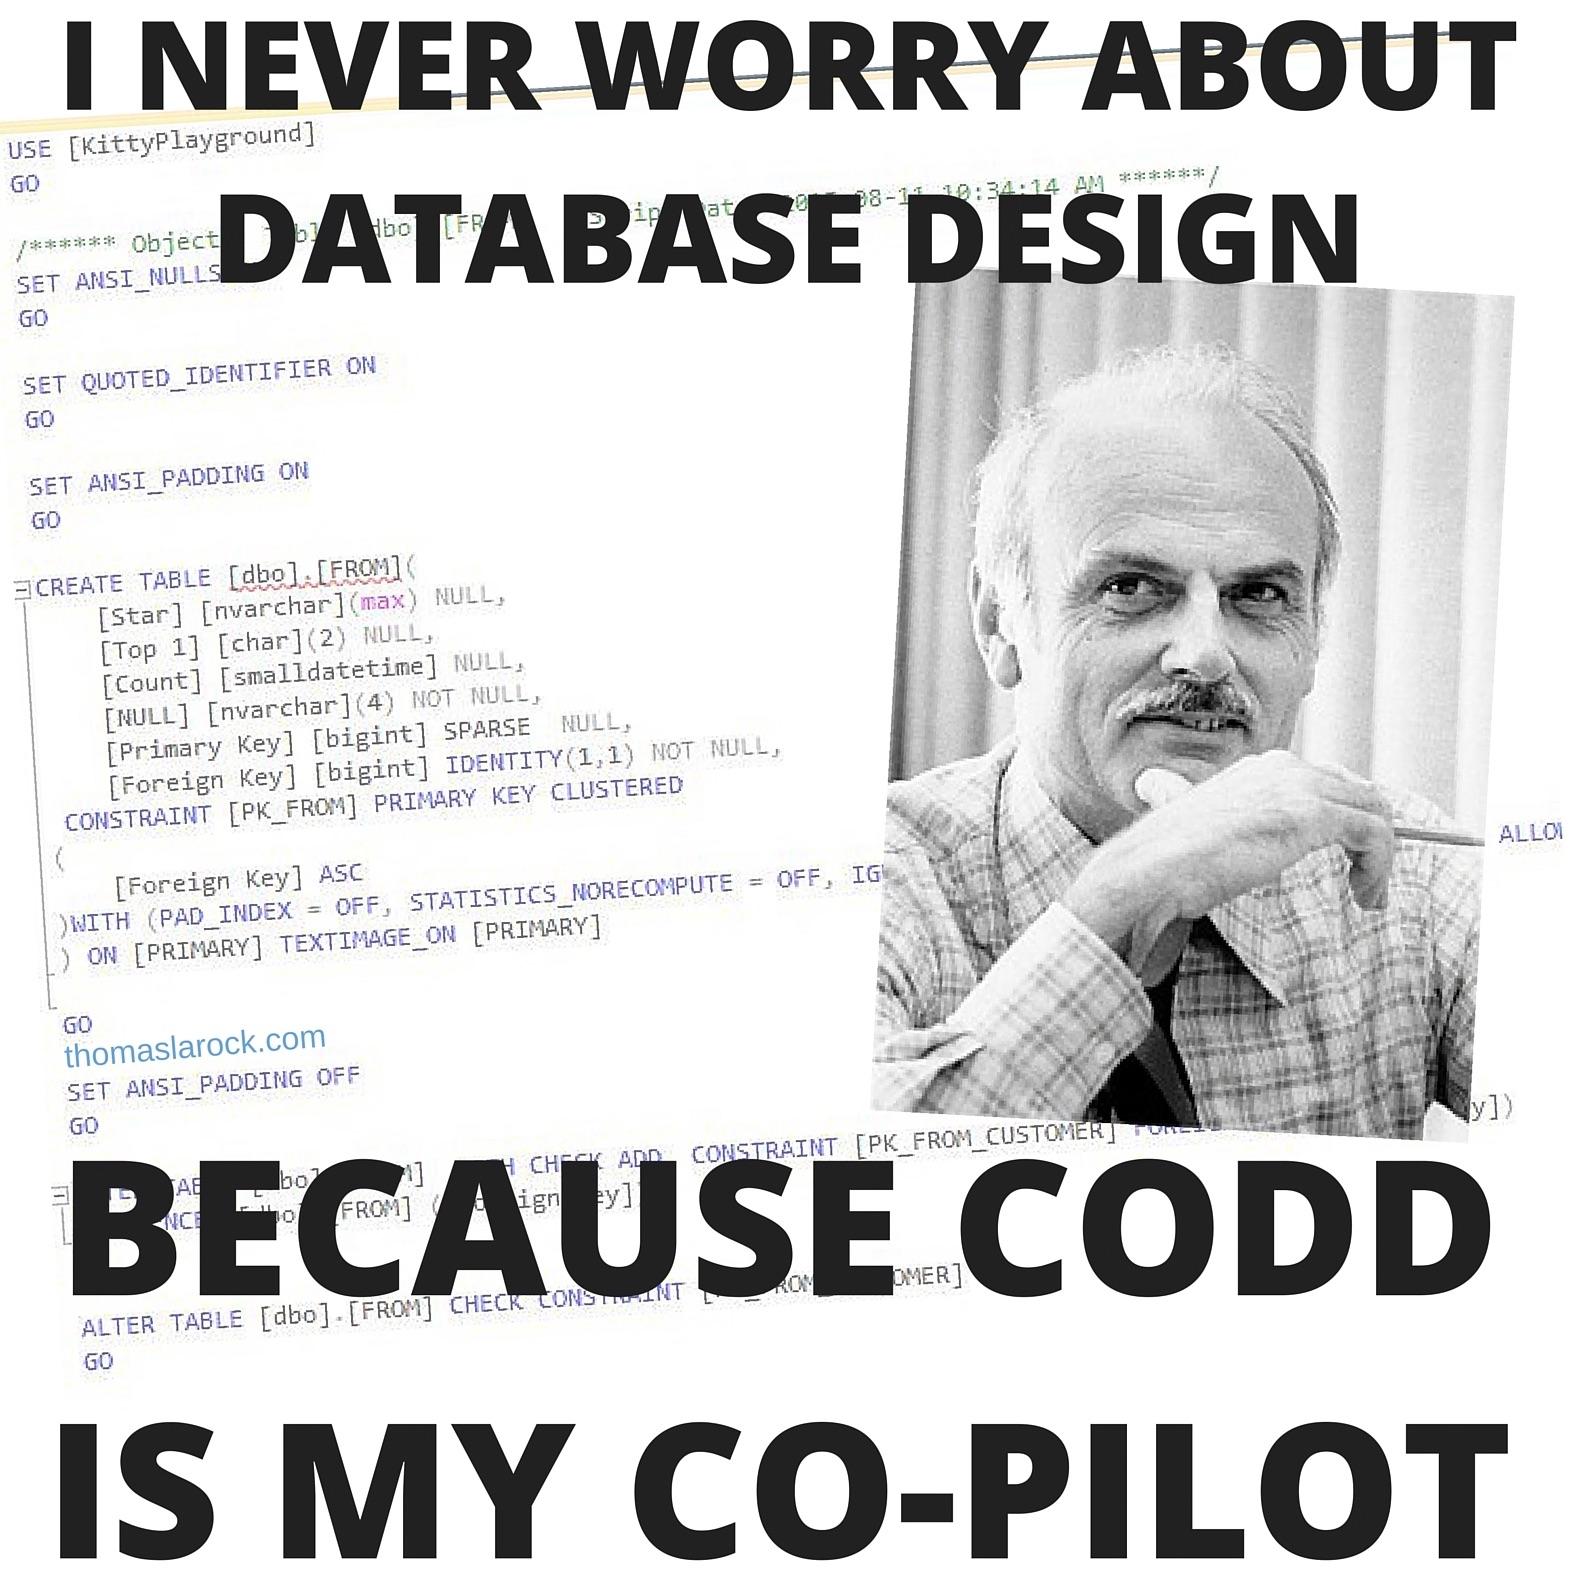 CoddIsMyCopilot